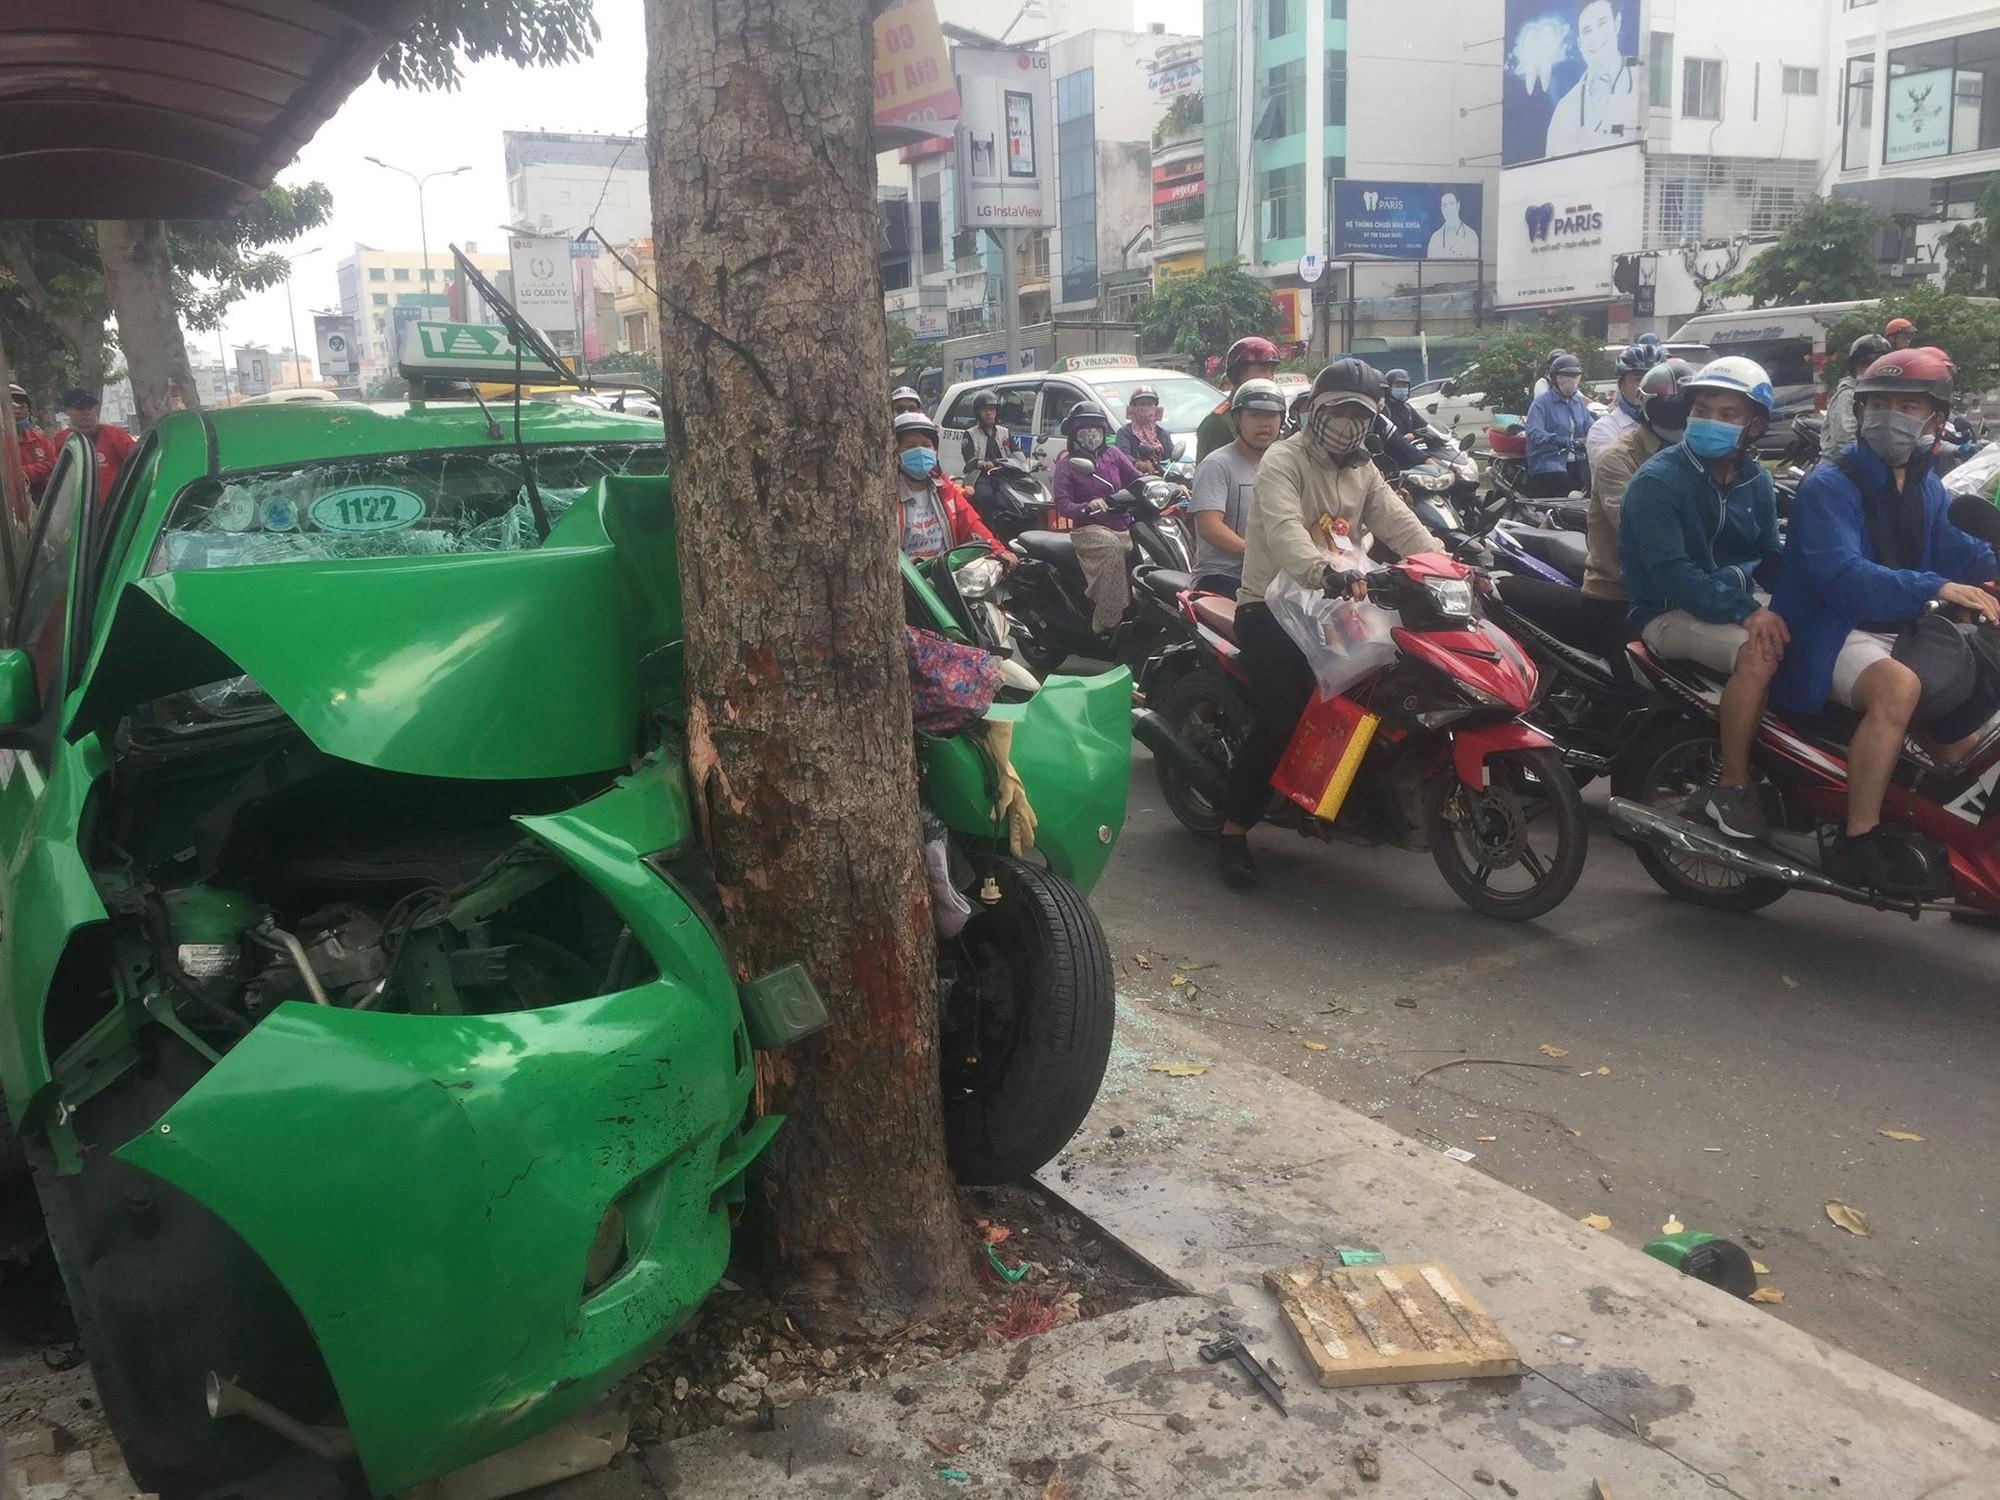 Sau va chạm trên đường, xe taxi tông mạnh vào gốc cây xanh ở Sài Gòn khiến 2 người nhập viện cấp cứu-1